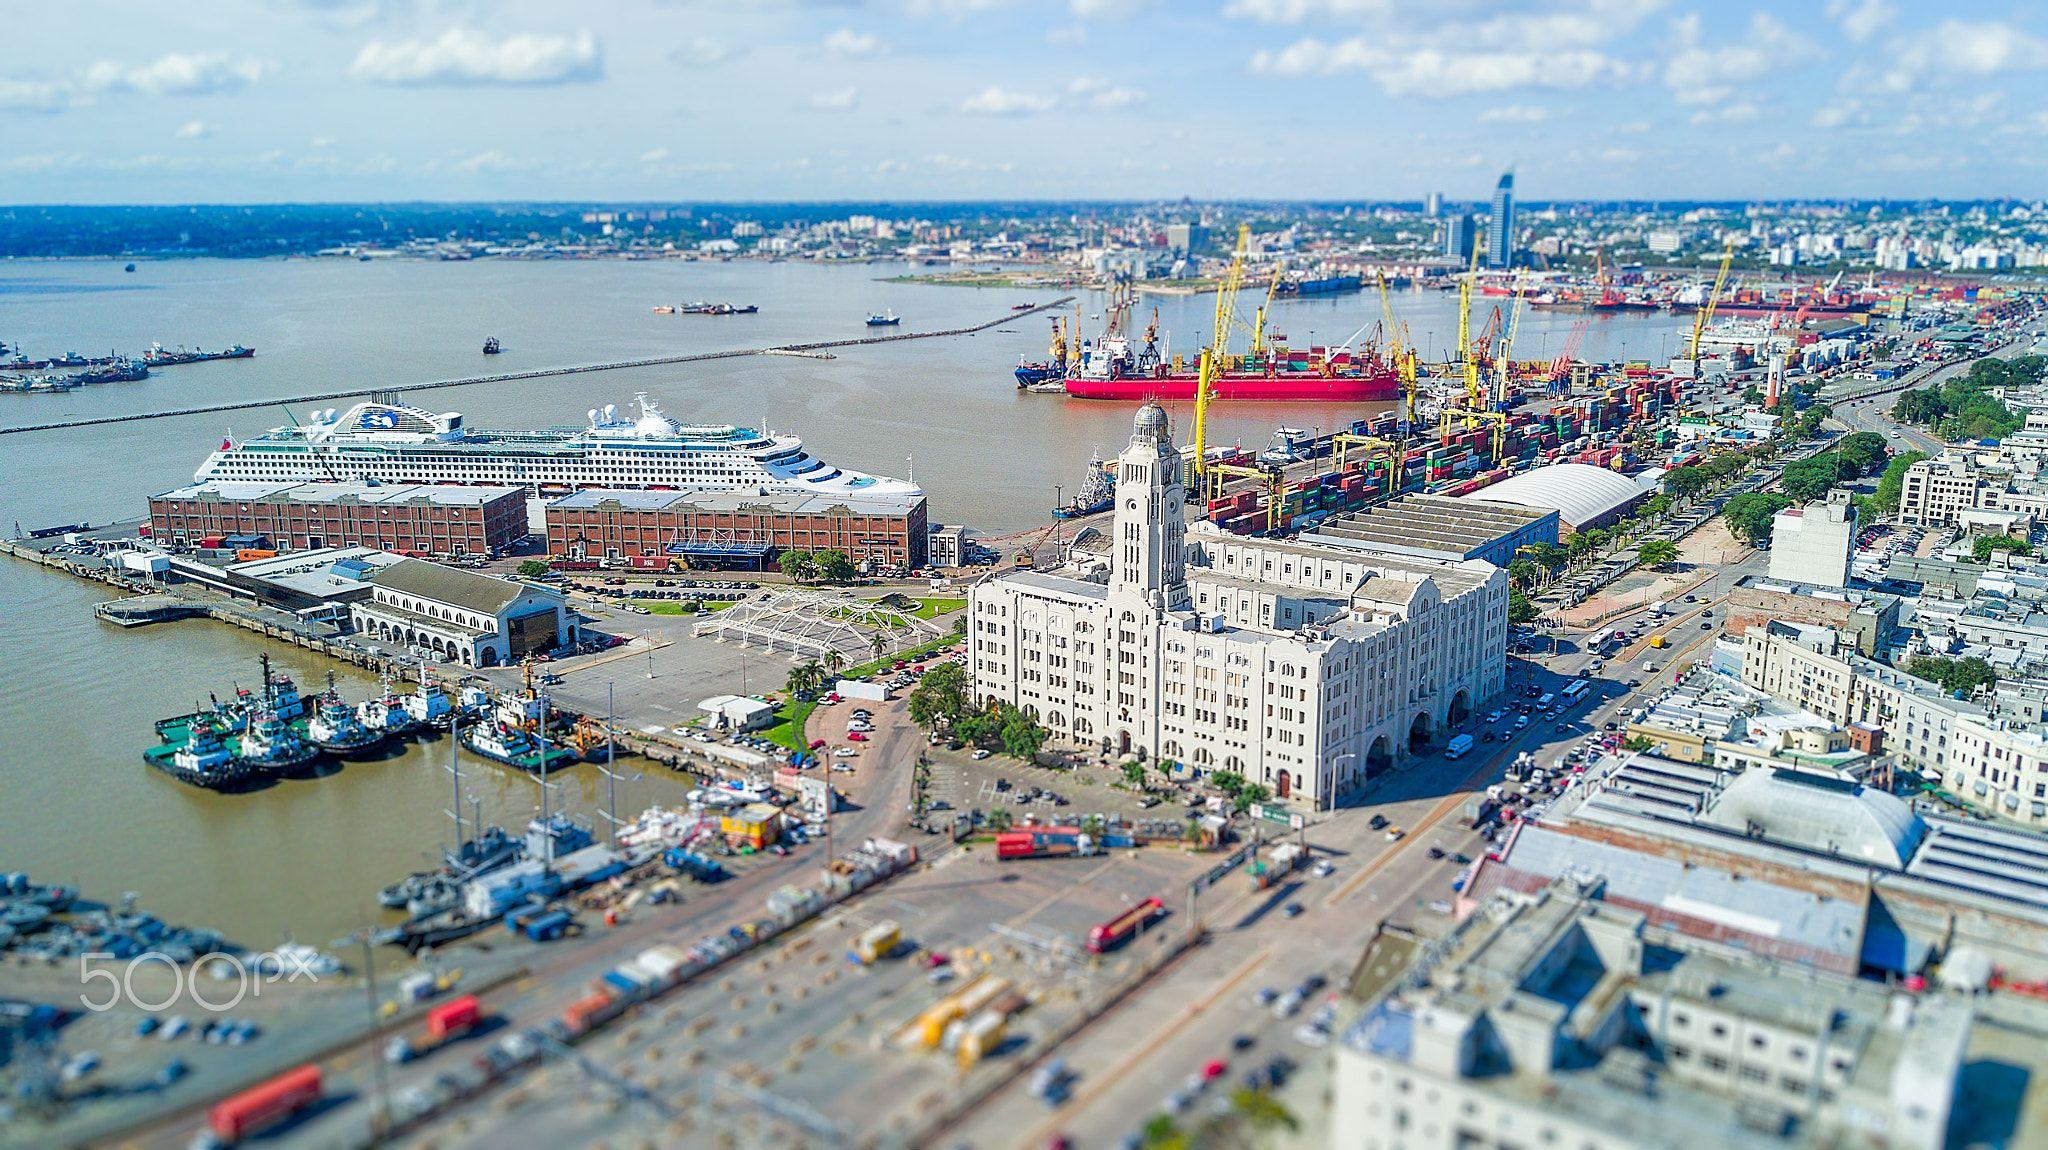 La gerencia de operaciones del puerto de Montevideo denegó el ingreso a muelle del Coral Princess